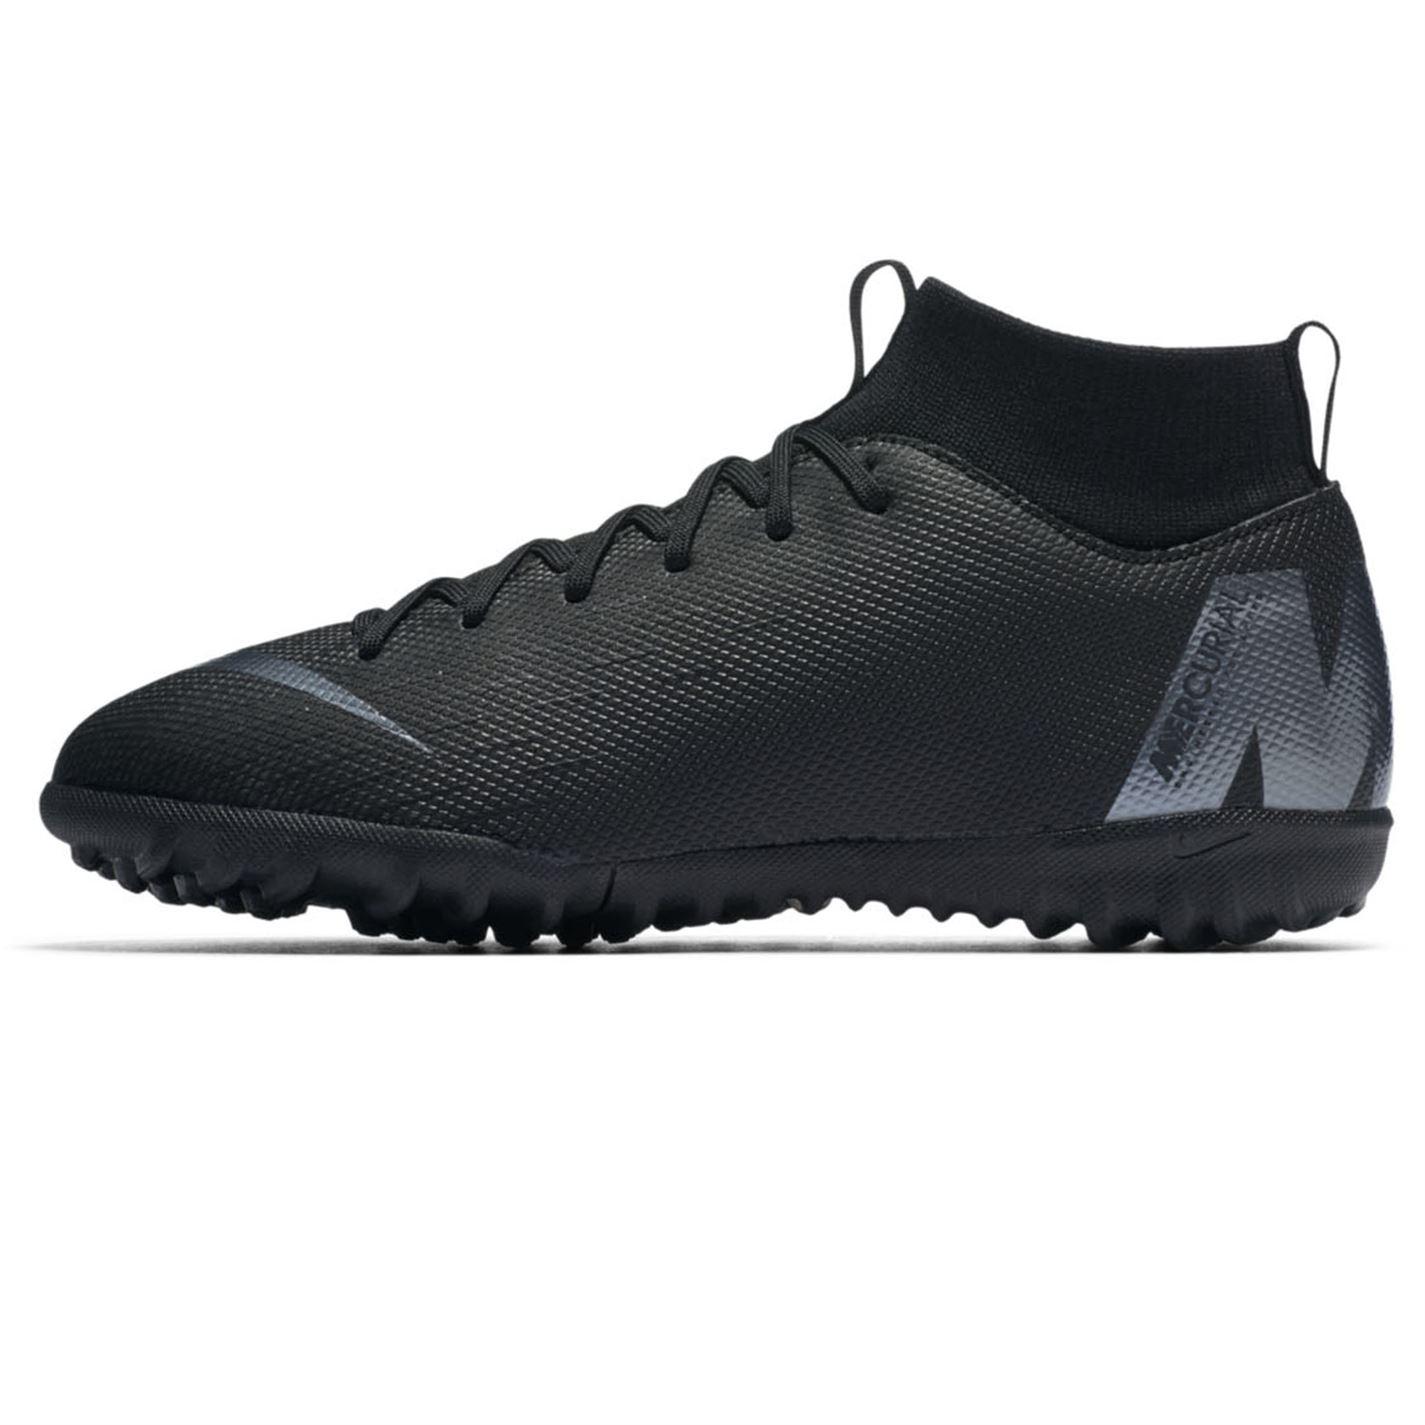 kopačky Nike Hypervenom Phelon FG detské